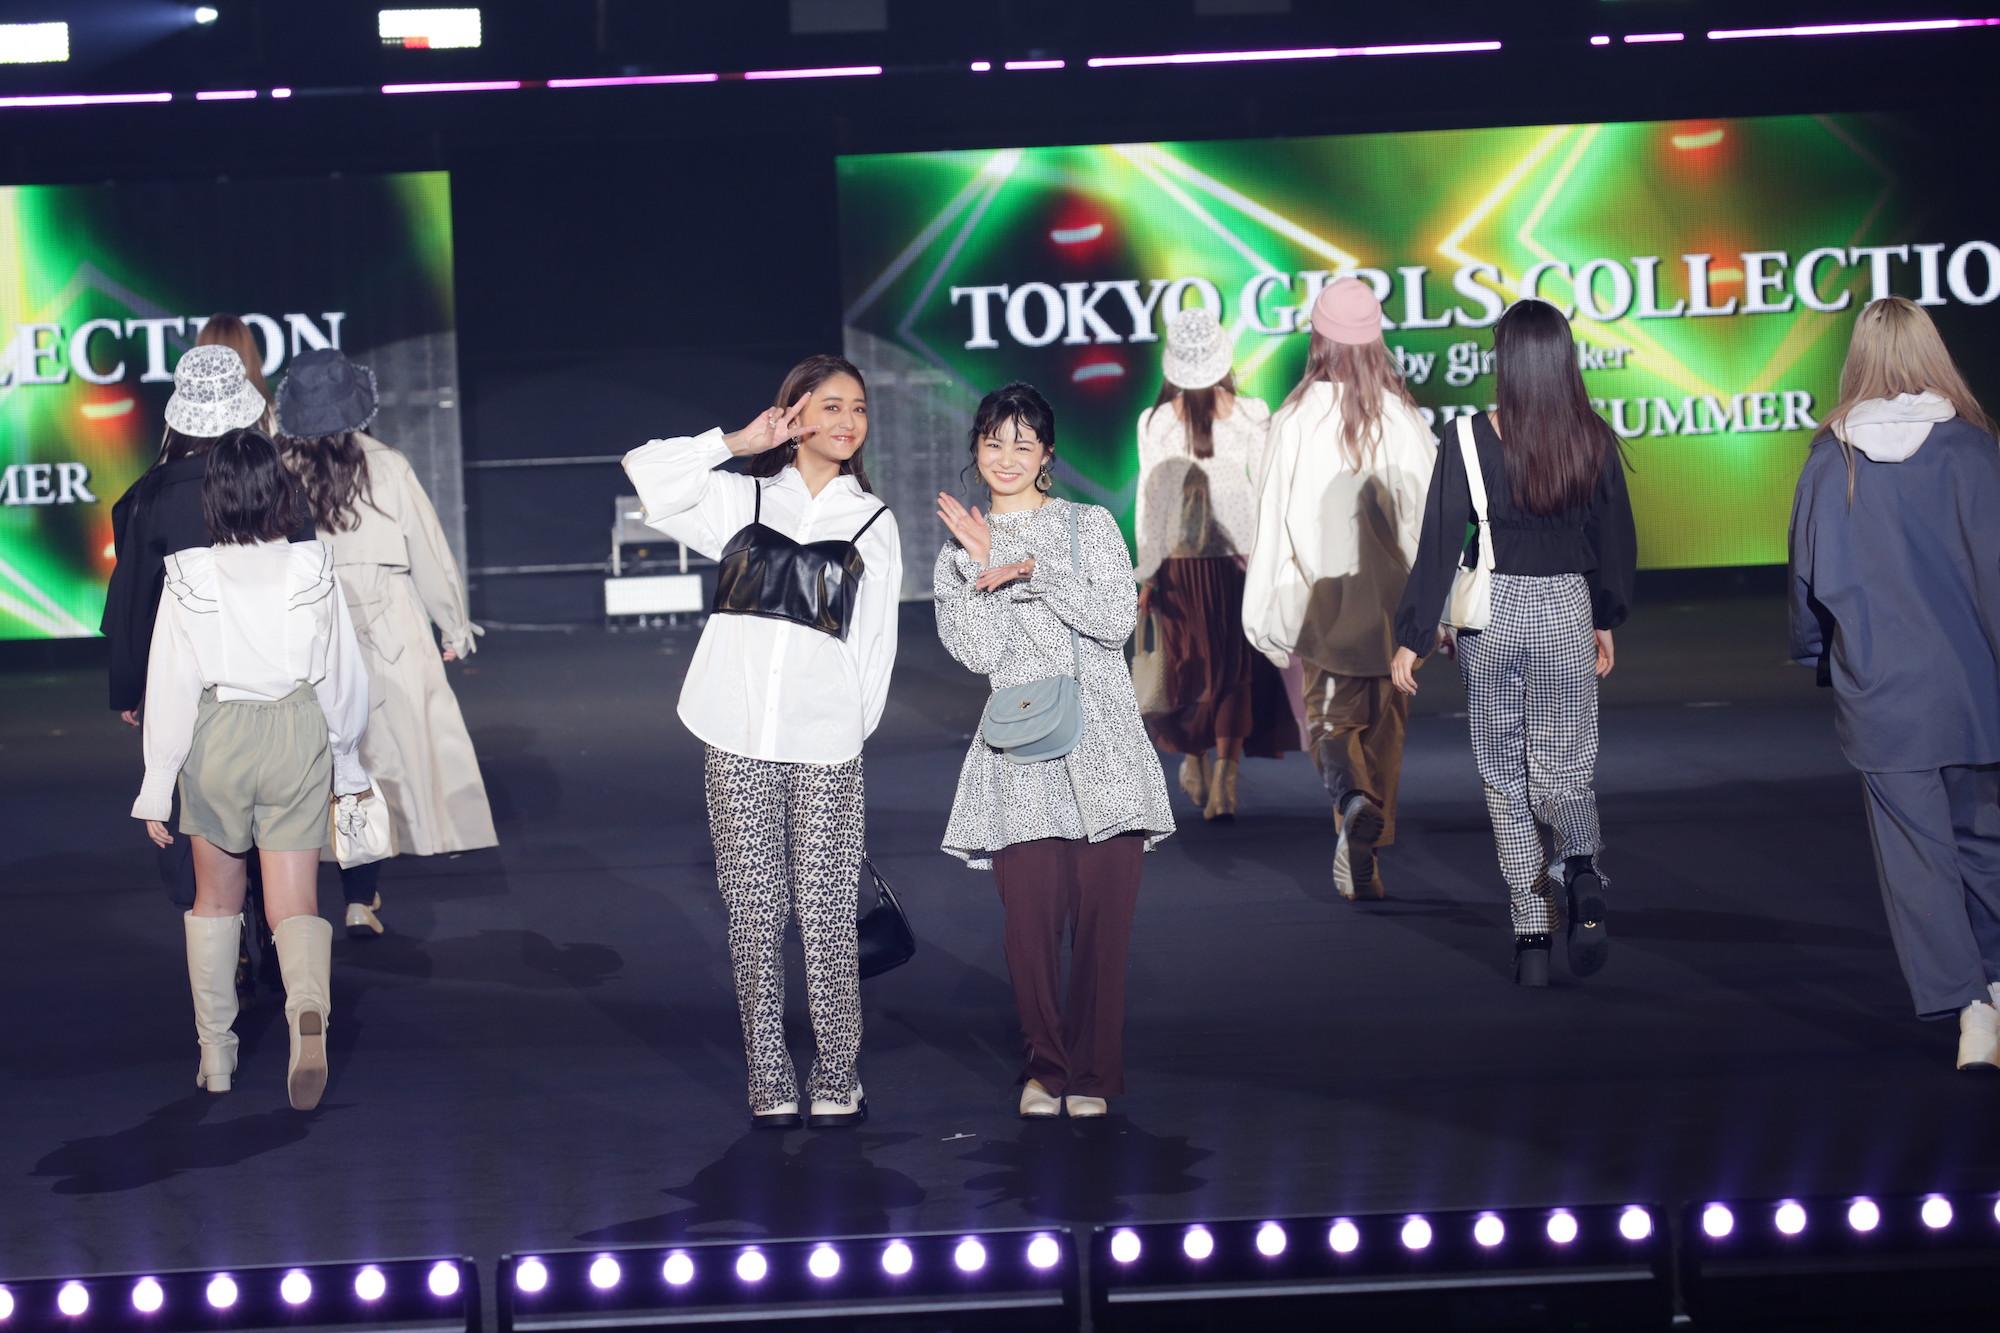 写真左~池田美憂、右~莉子 TGC